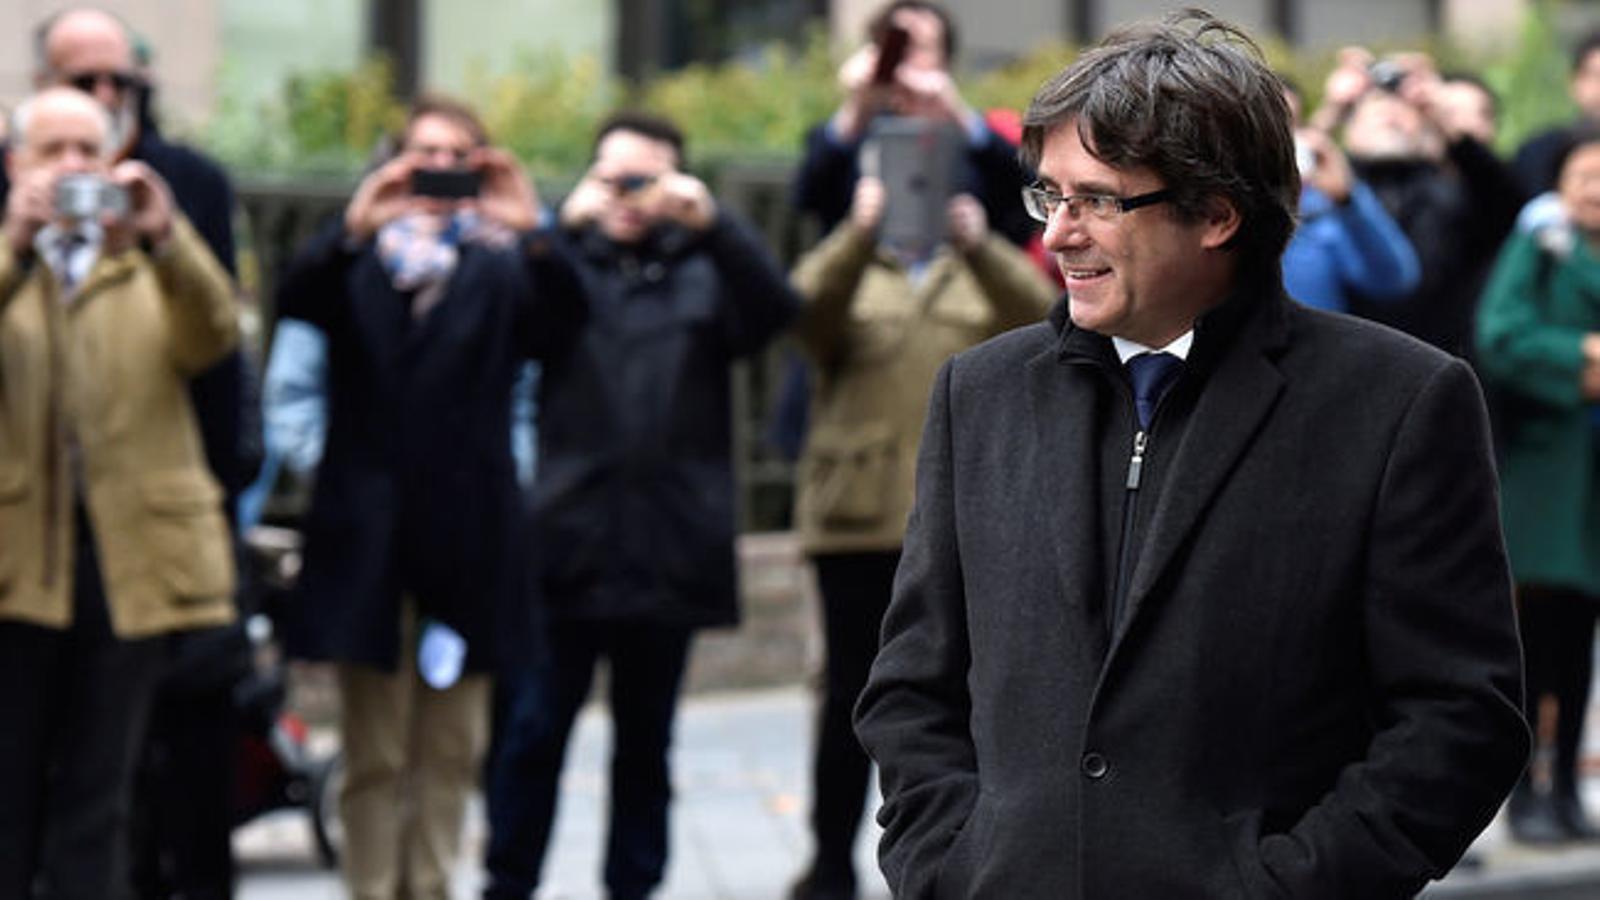 El Govern té a punt l'escorta de Puigdemont i espera permisos d'Exteriors i la Guàrdia Civil